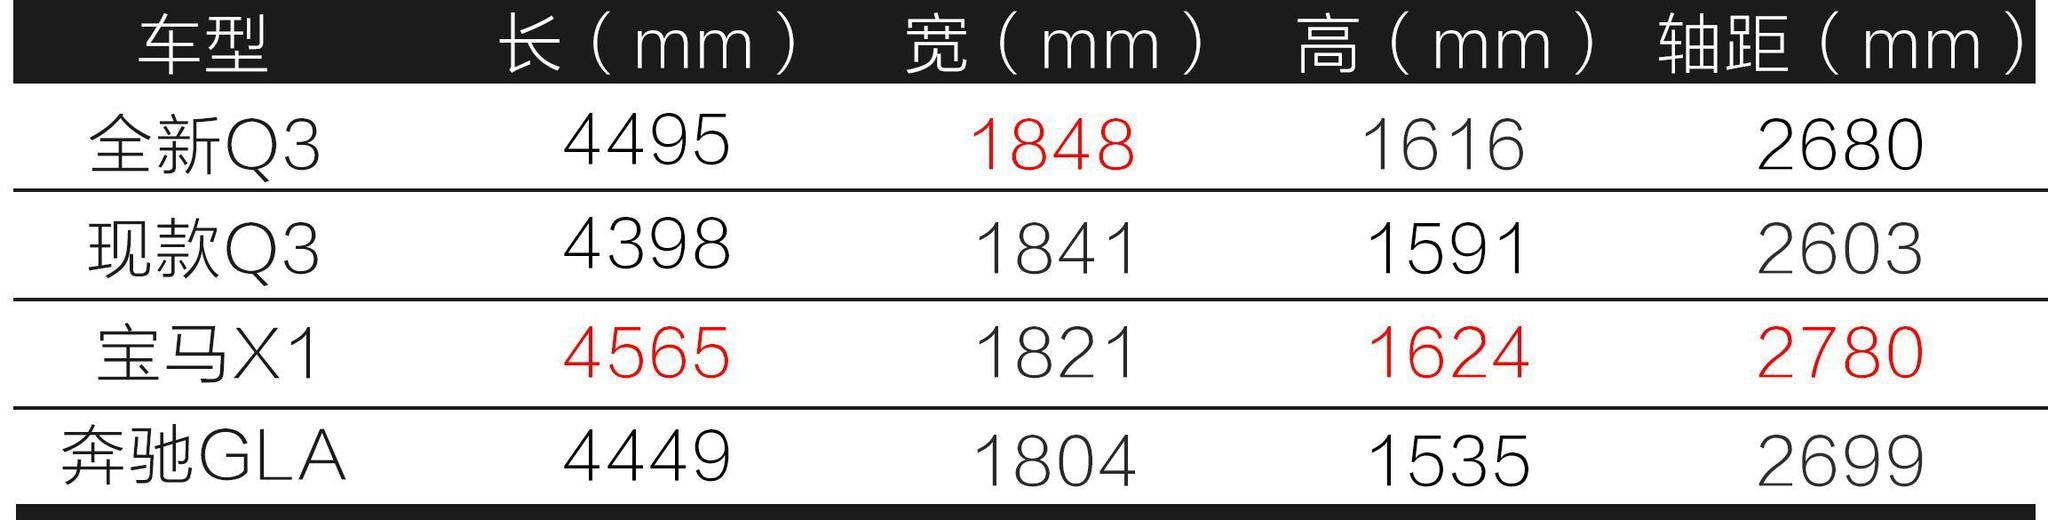 轴距加长80mm!全新奥迪Q3能否逆袭加长宝马X1?| 2019上海车展